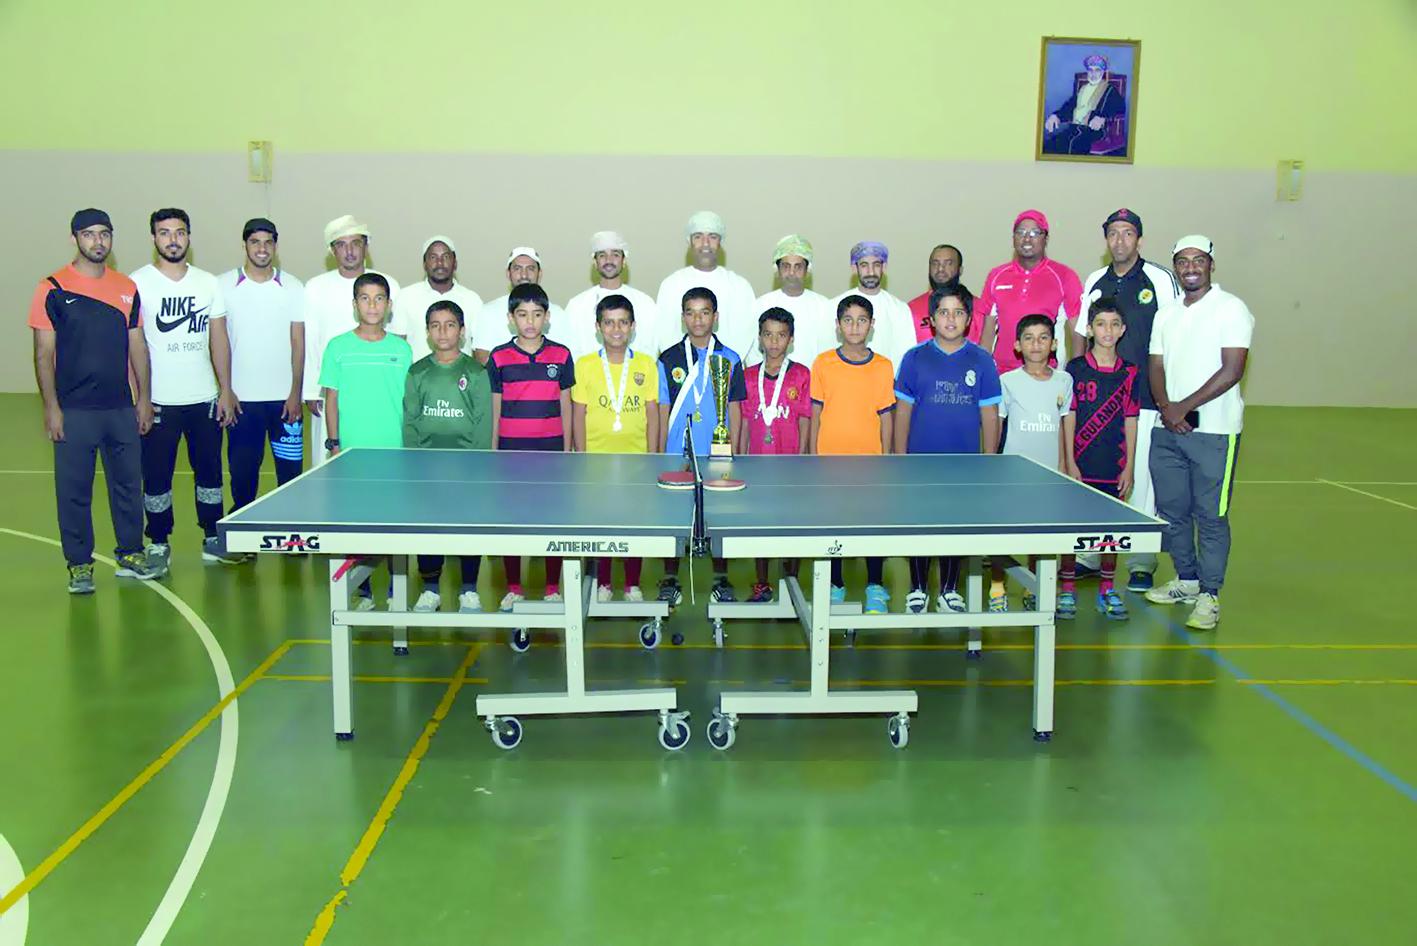 الغساني يخطف لقب بطولةستاج لكرة الطاولة بشمال الشرقية